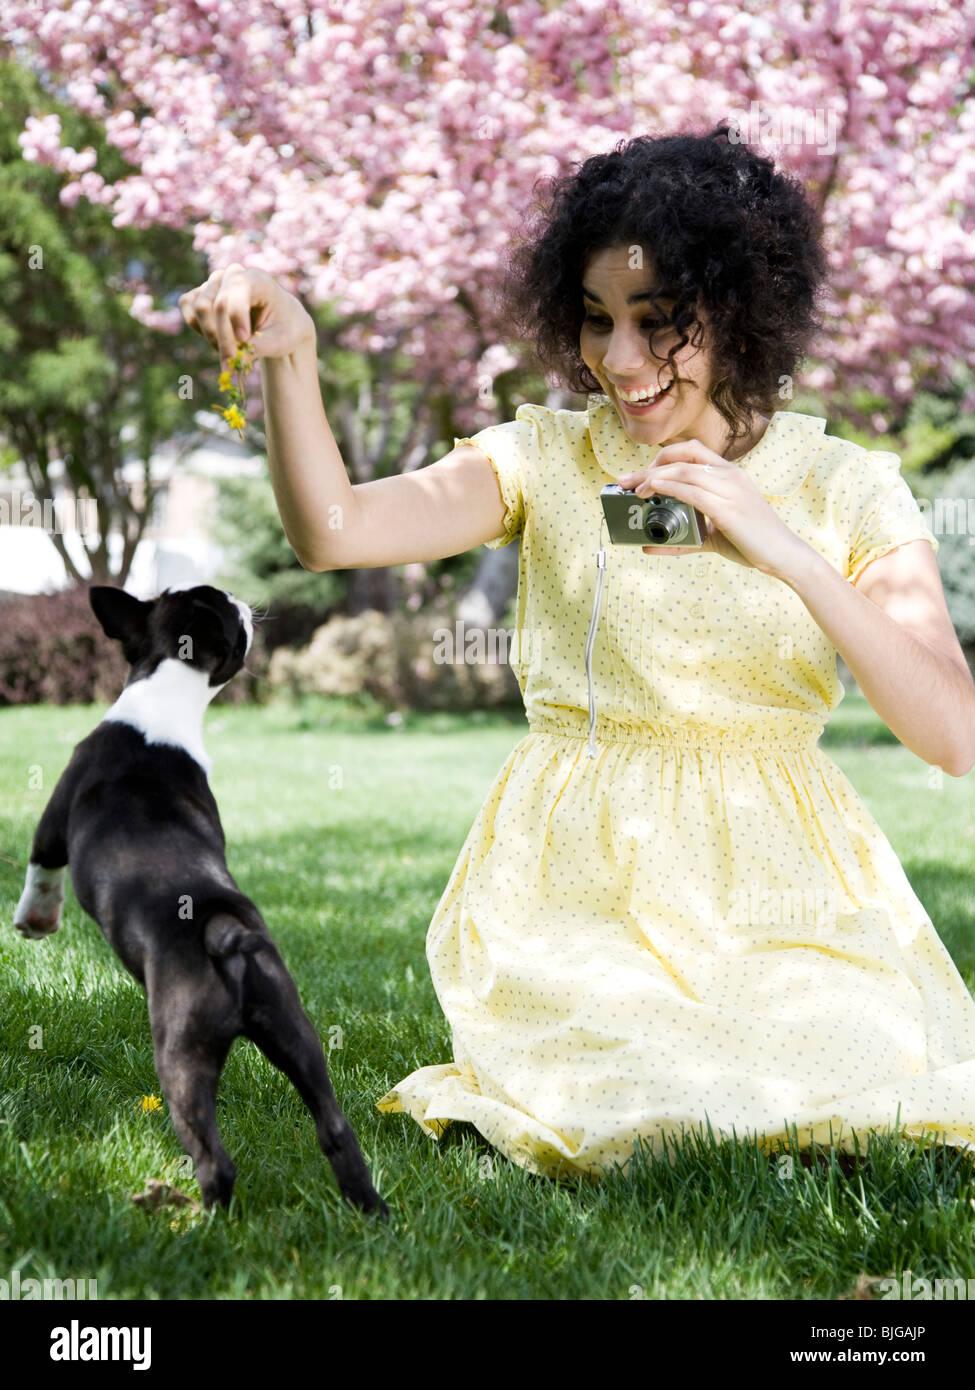 Mujer en un vestido amarillo tomando fotos Imagen De Stock